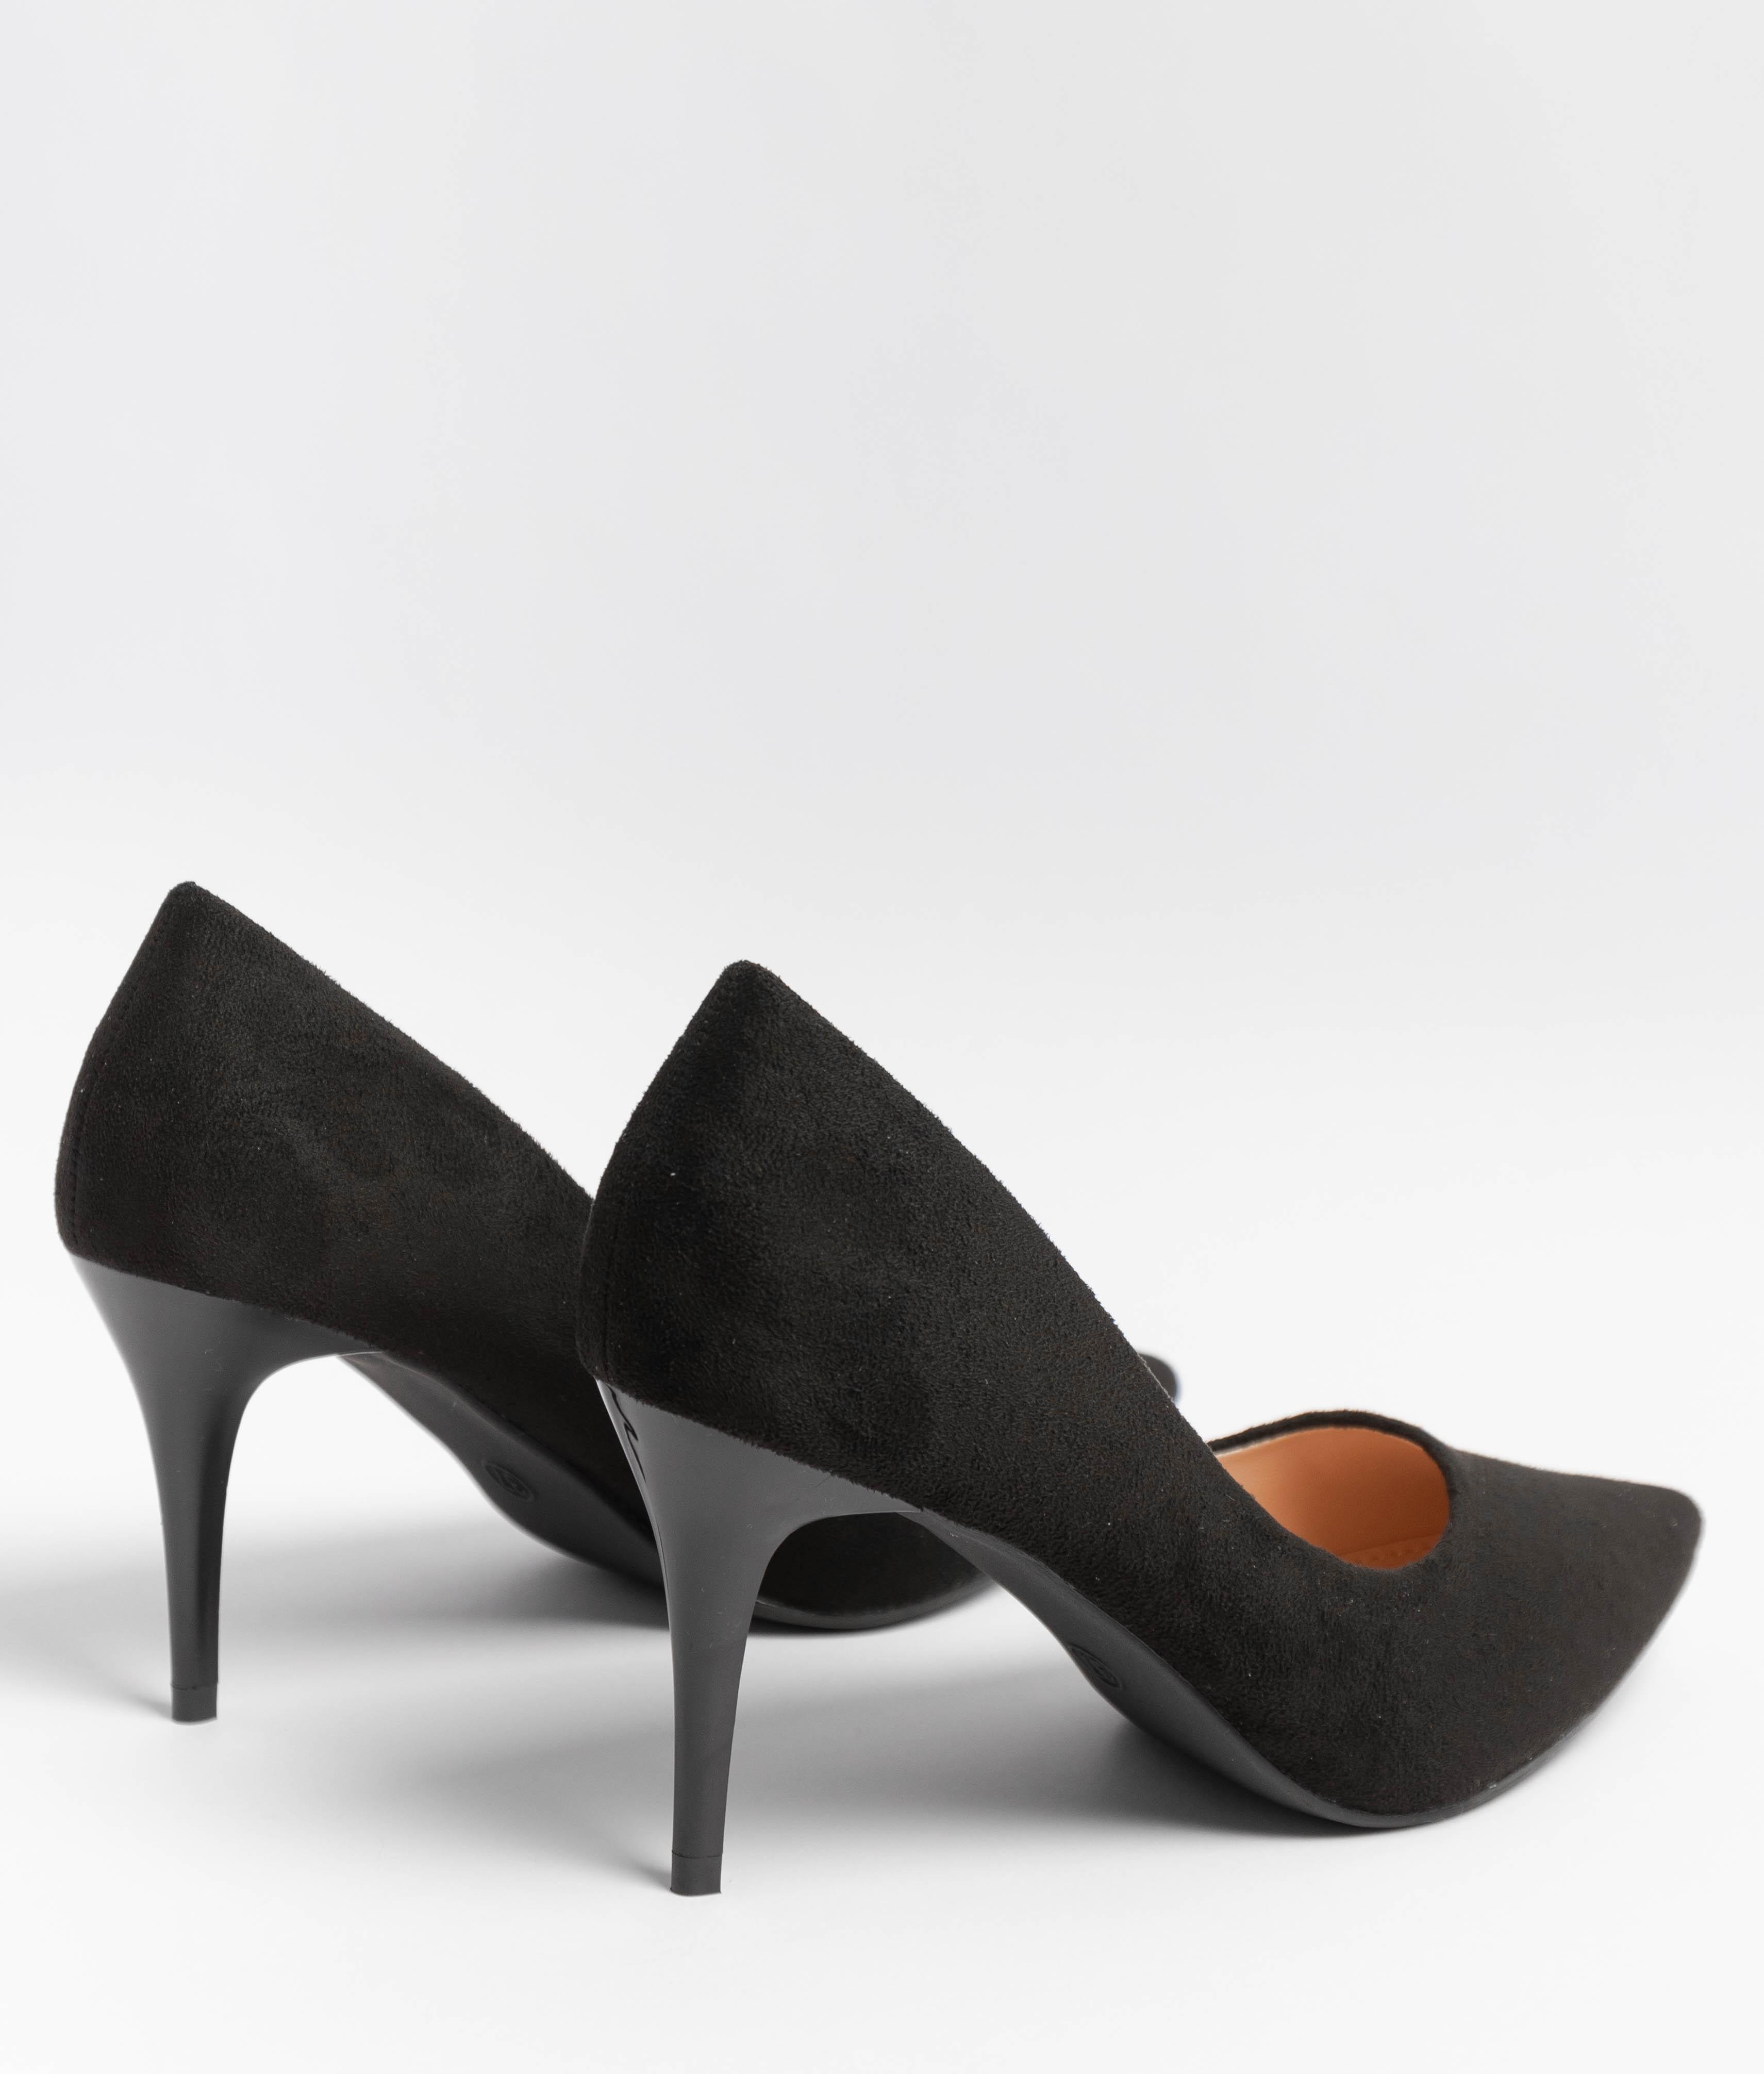 Zapato Lasia - Nero